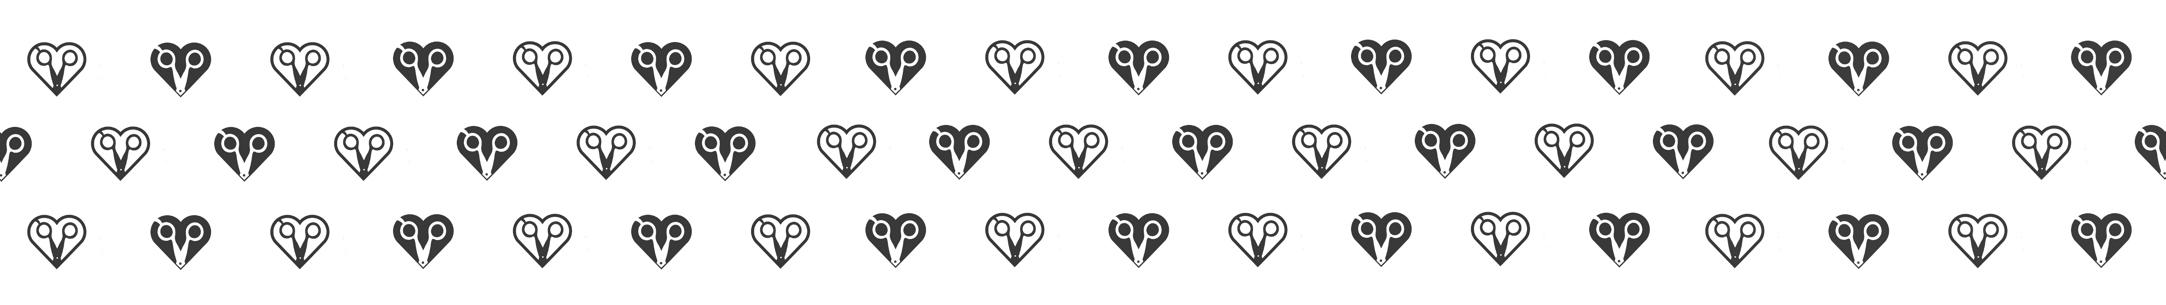 hearts2 baner